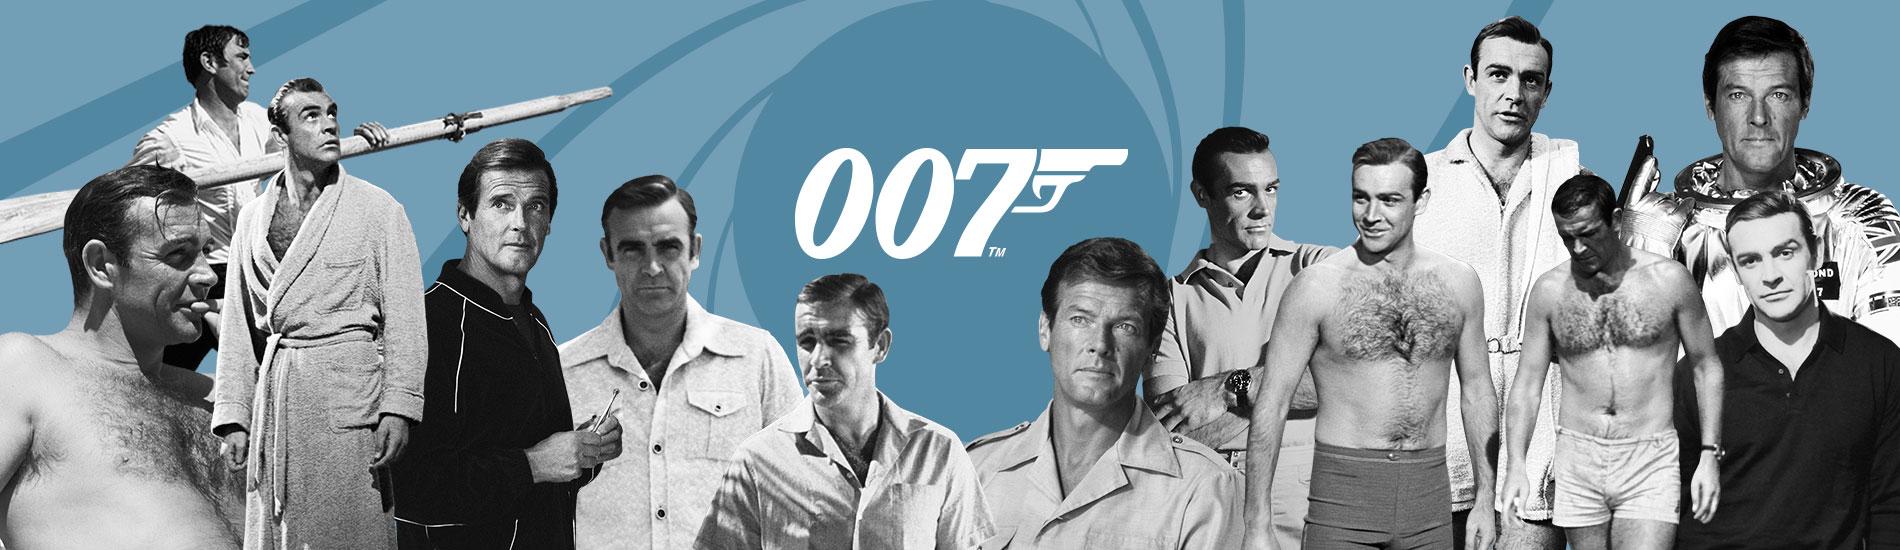 Orlebar Brown presenta una nueva colección de ropa en homenaje a Bond, James Bond